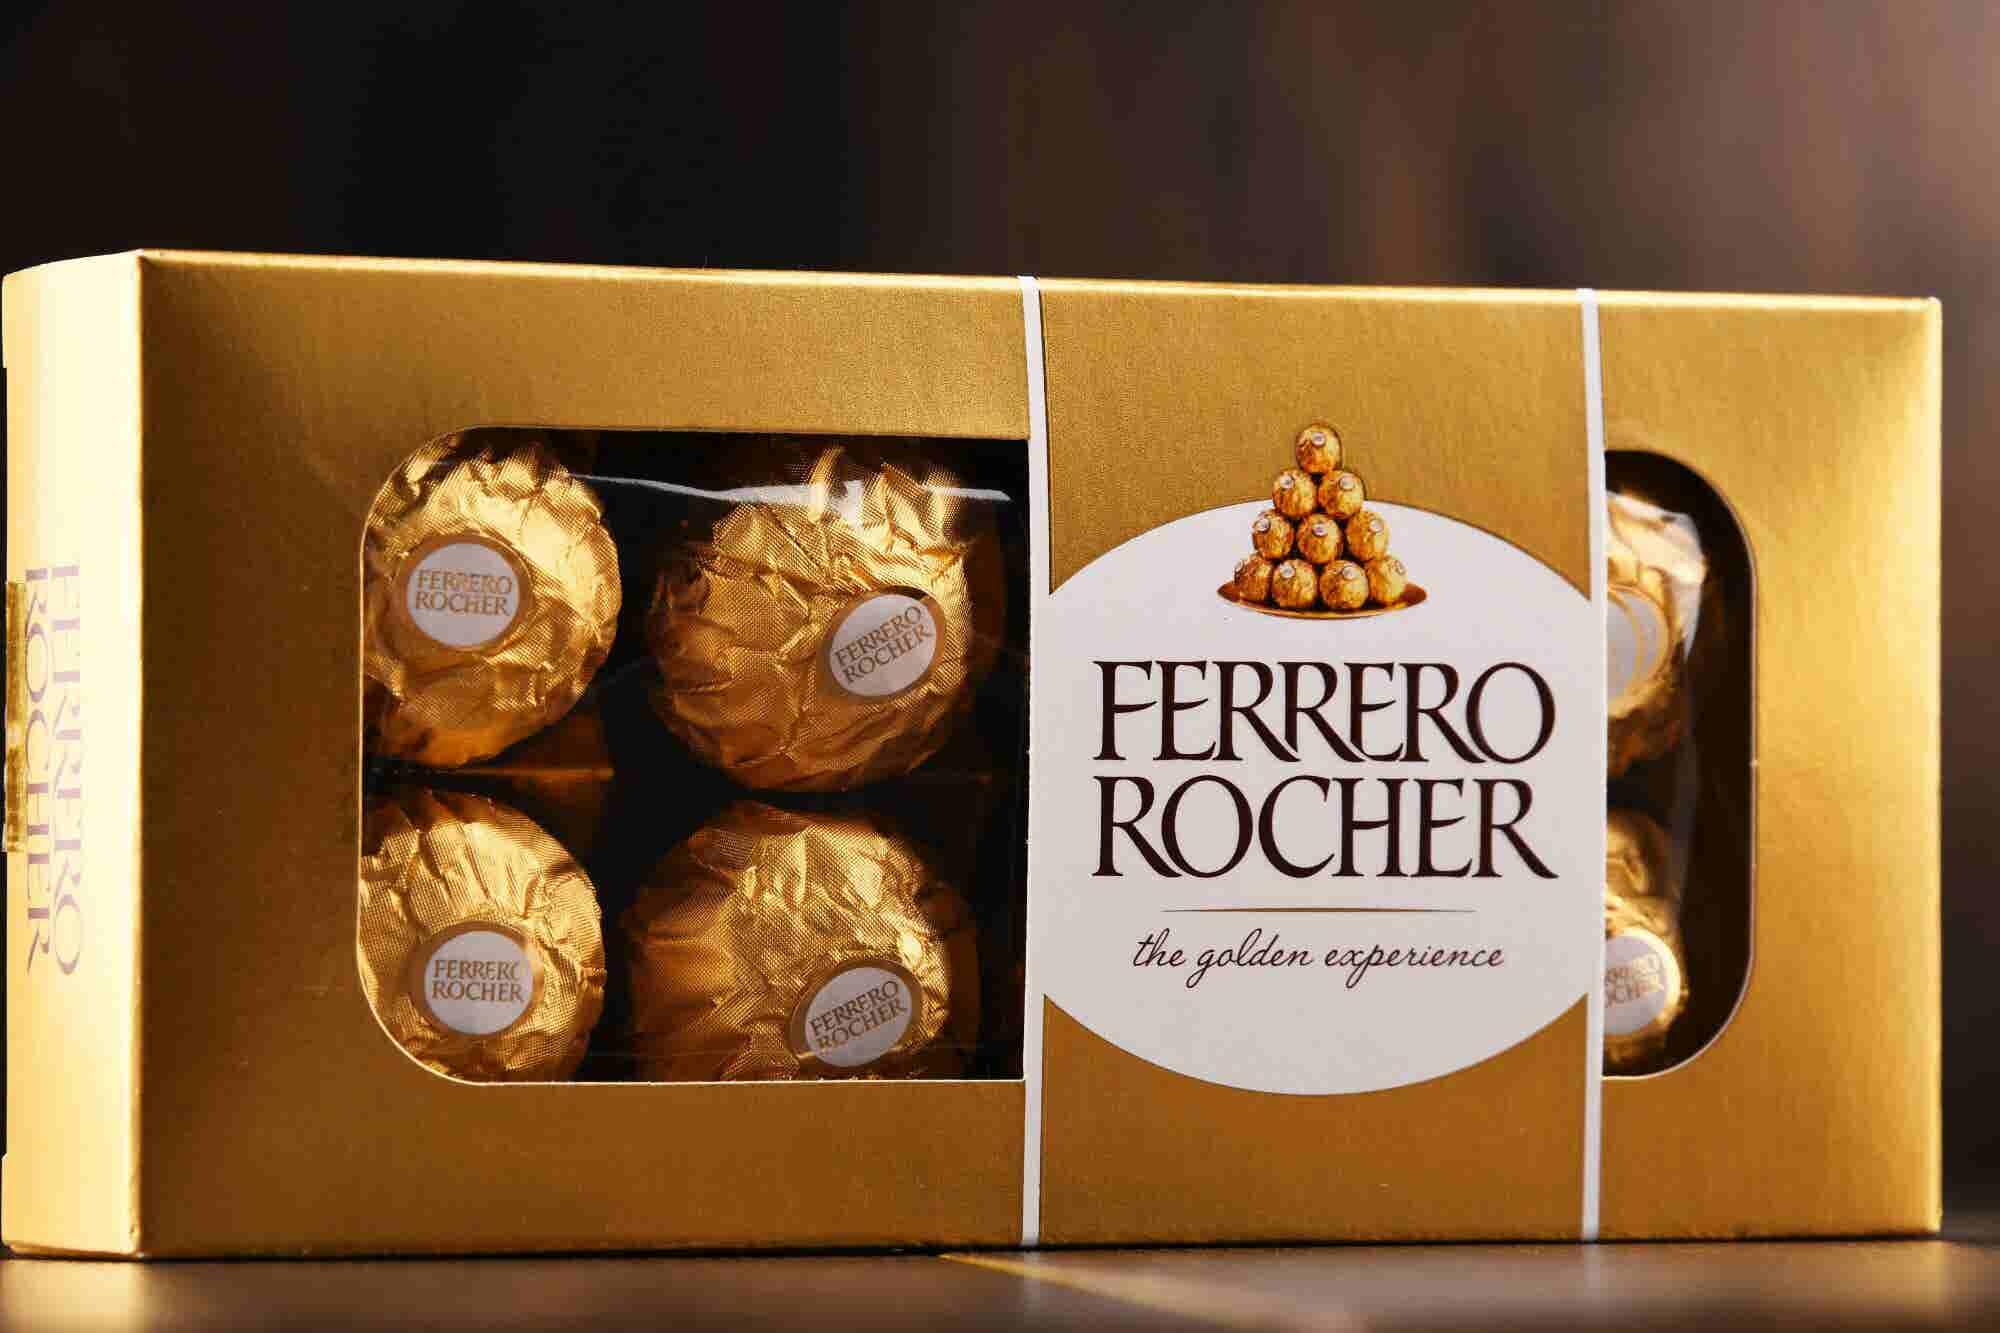 ¿Ferrero quiere 'vender sopas'? Podría comparar el negocio internacional de Campbell